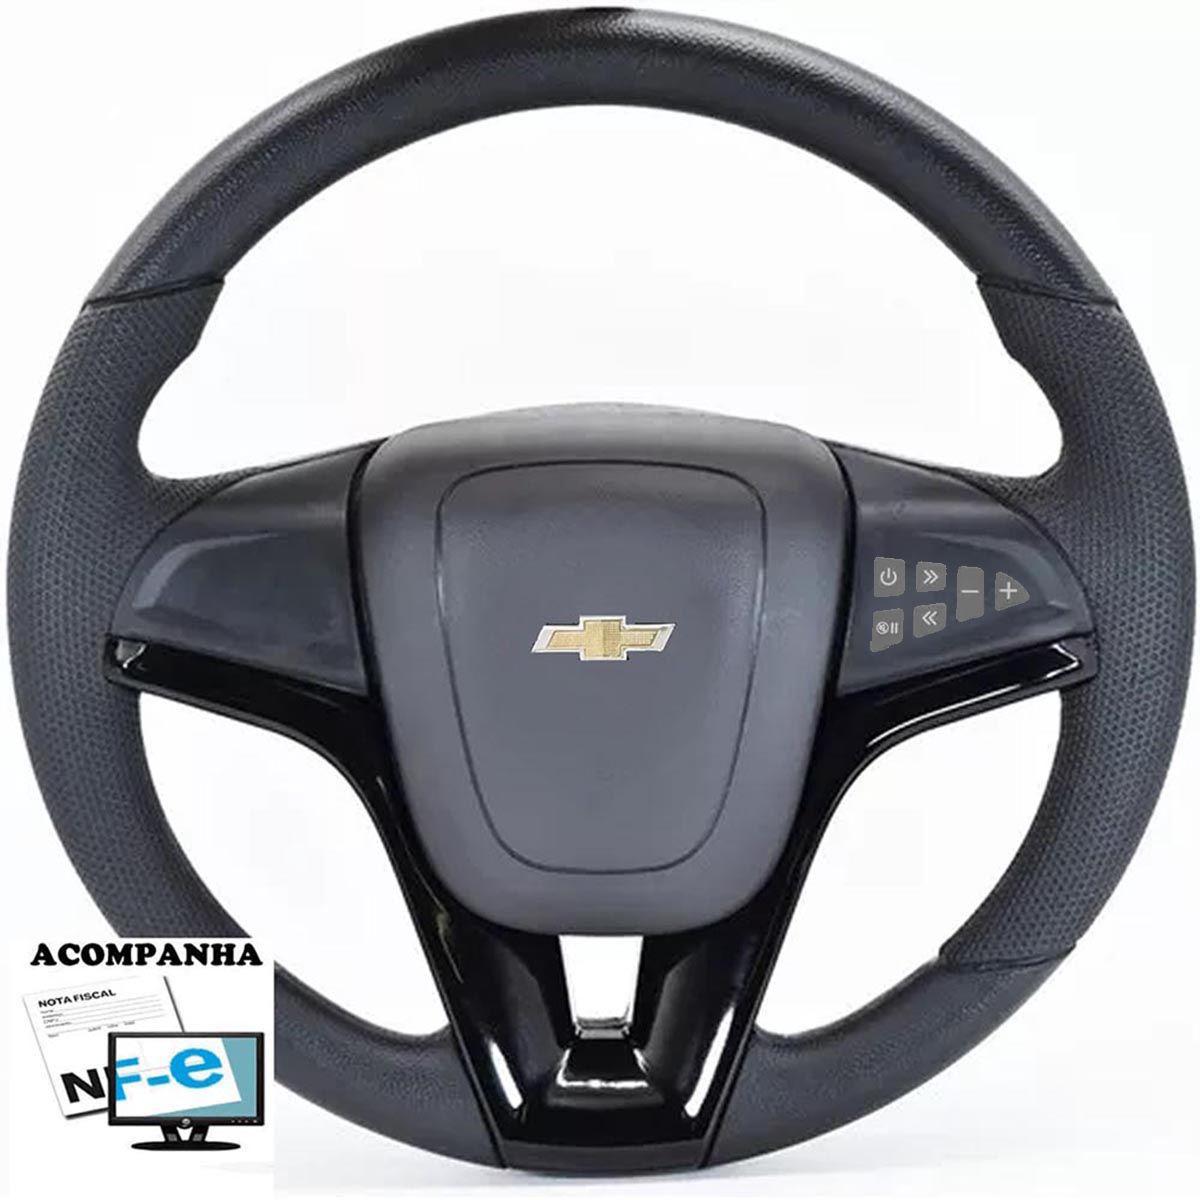 Volante Multifuncional Cruze Corsa Celta Astra Monza Chevette S10 Blazer Silverado Meriva Zafira Omega Kadett Opala Chevrolet + Cubo Gm